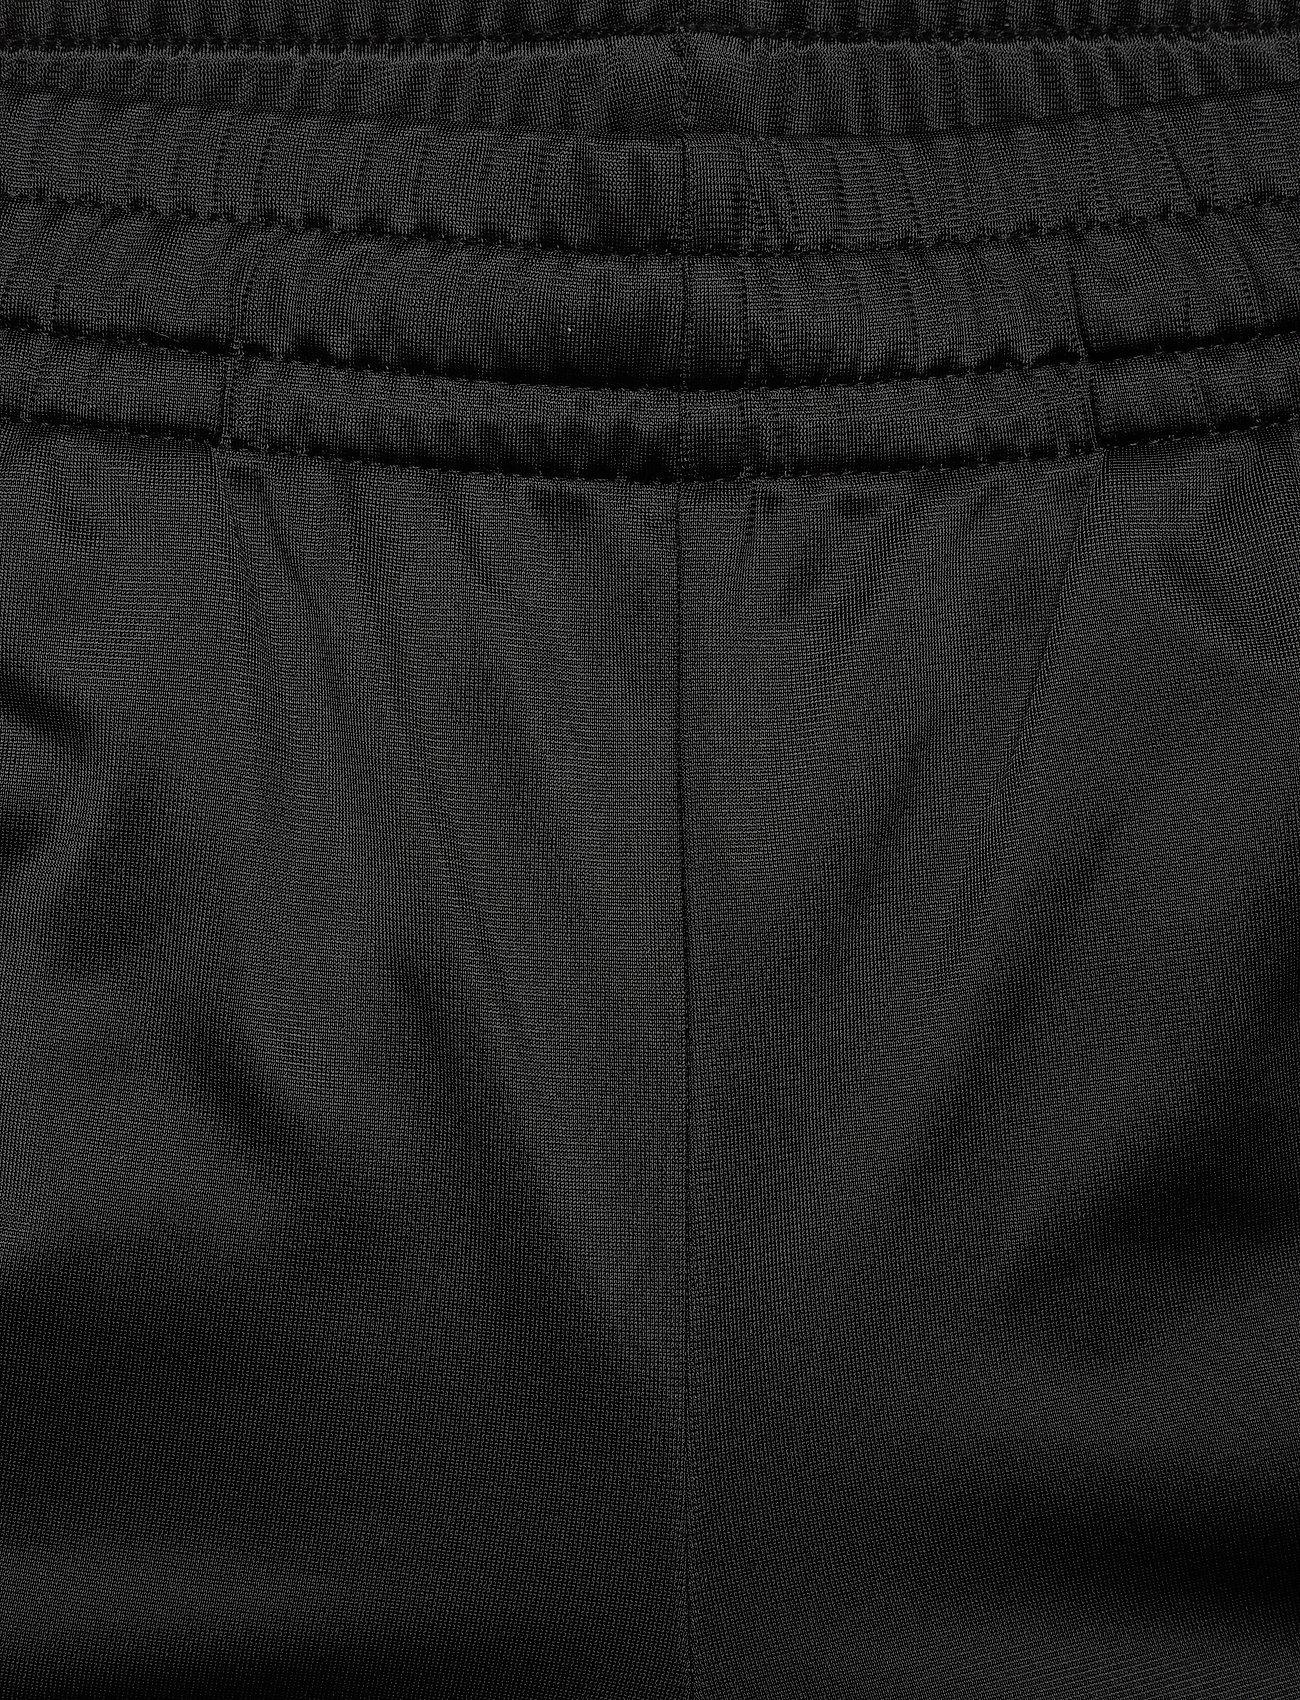 EA7 TRACKSUIT - Sweatshirts BLACK - Menn Klær